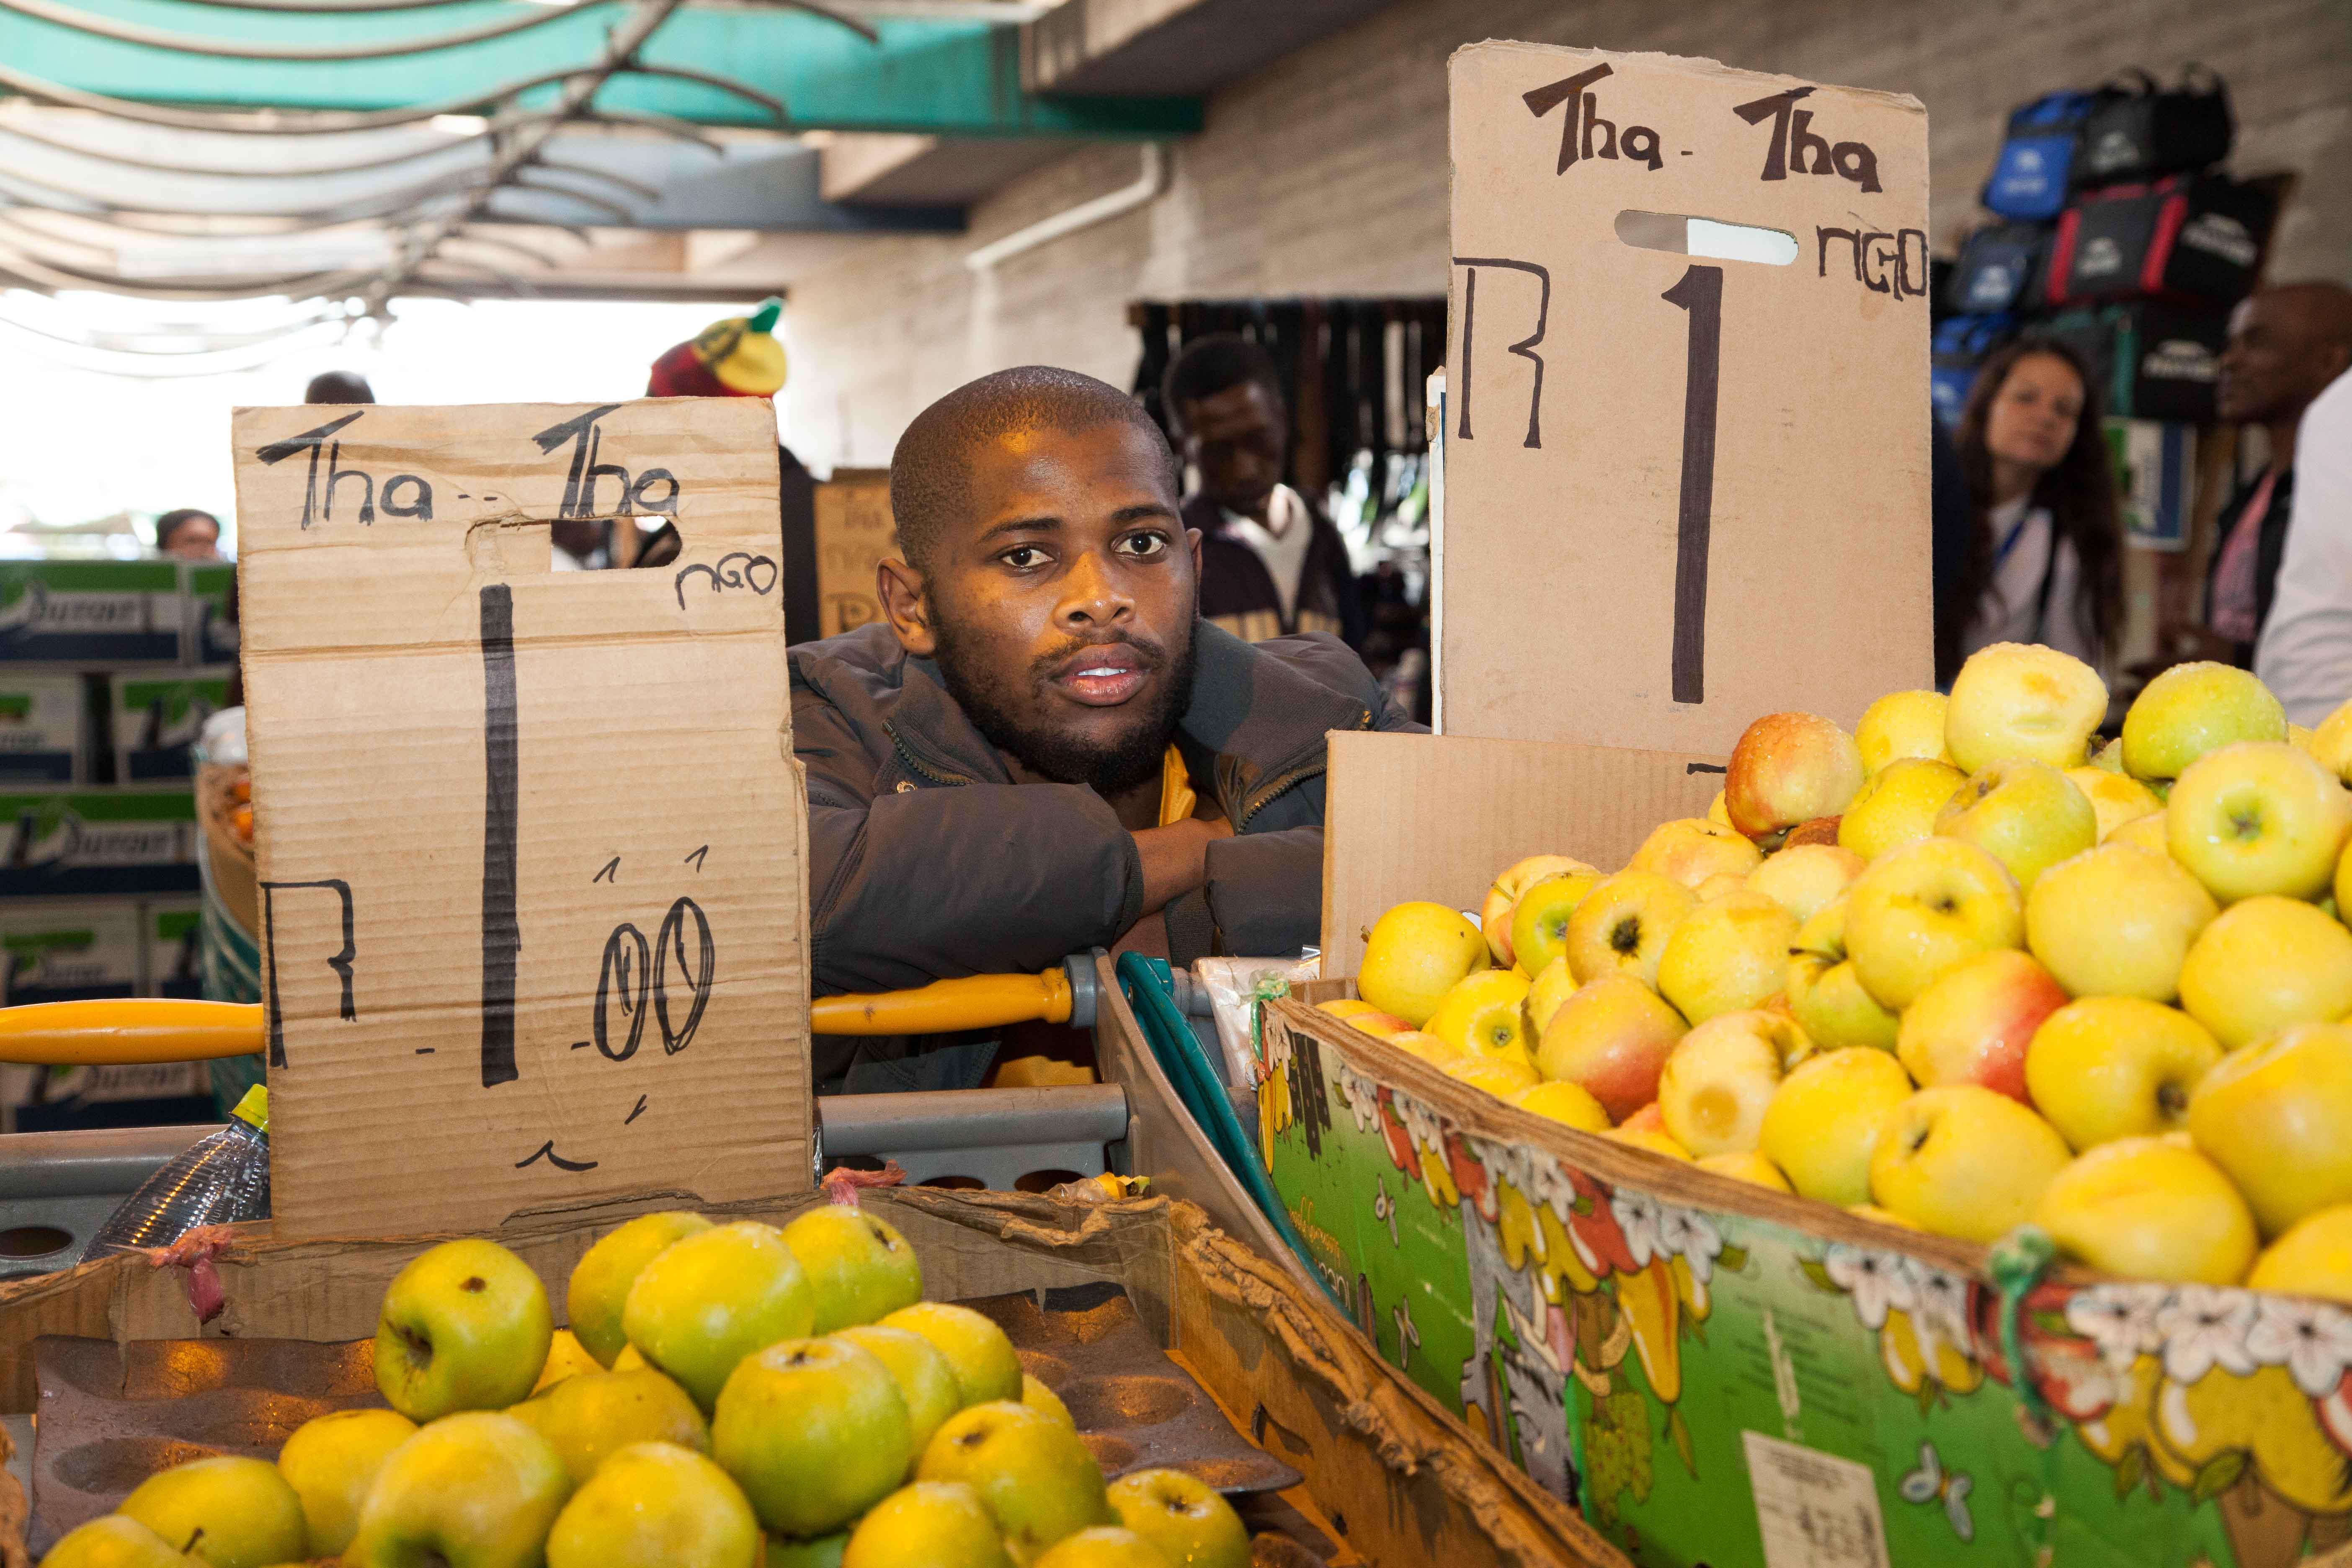 Ein Rand für einen Apfel, das sind knapp sieben Cent.